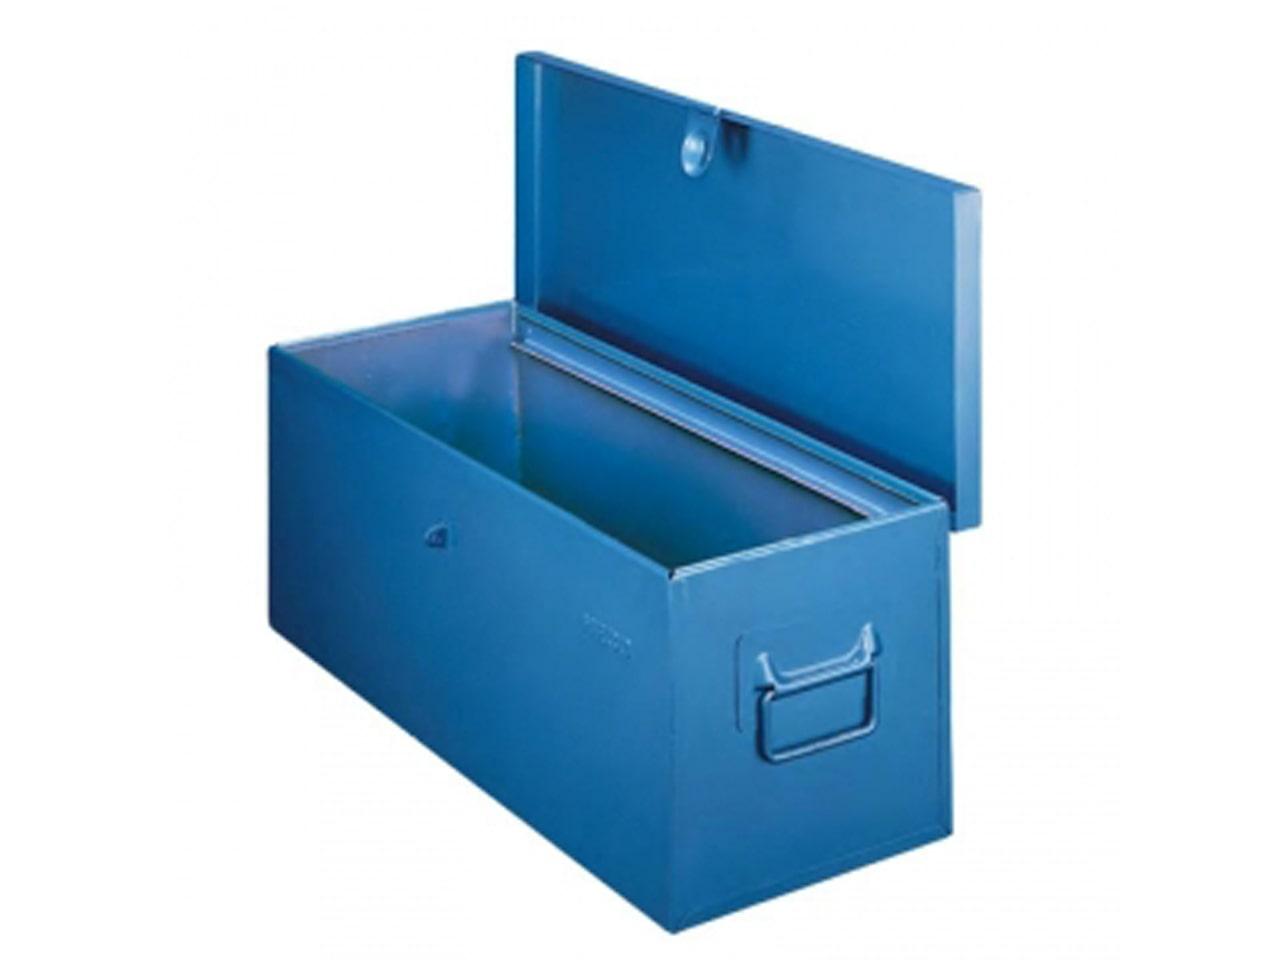 Ящик из металла для хранения